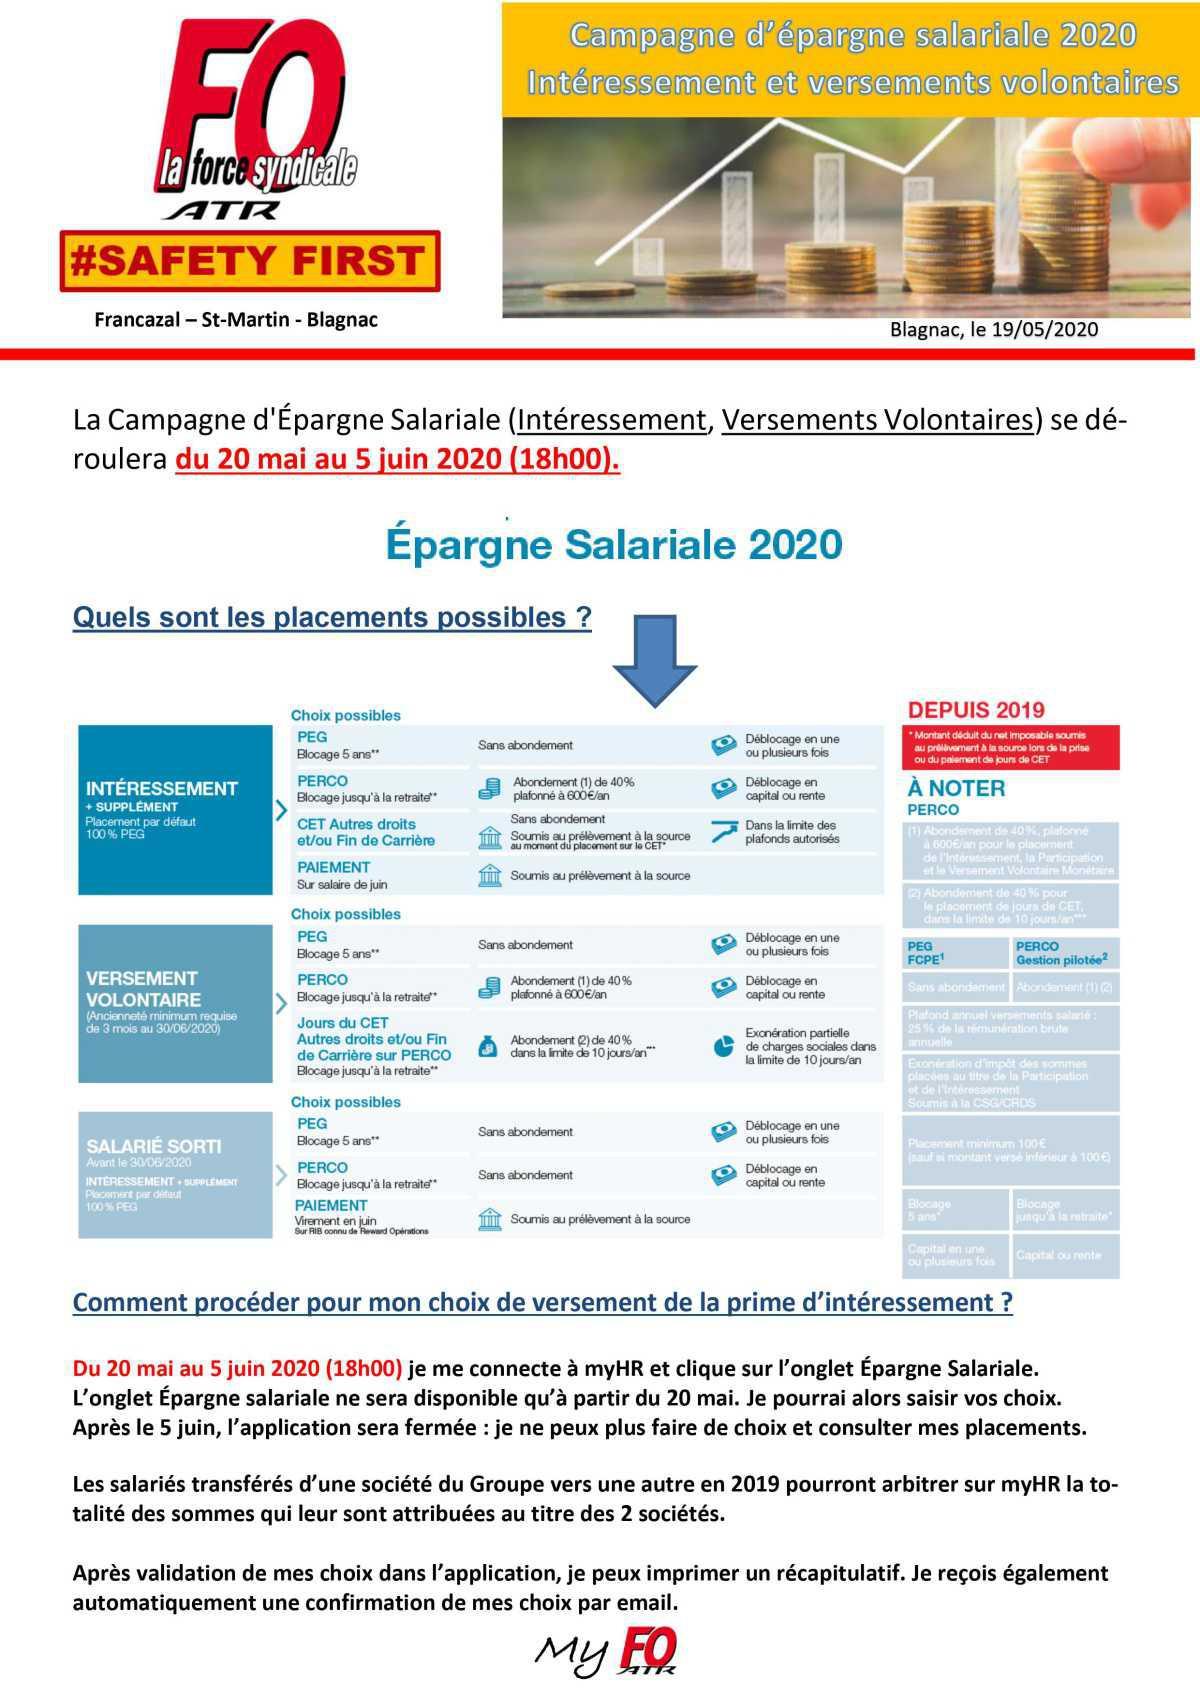 Campagne de placement Intéressement 2020